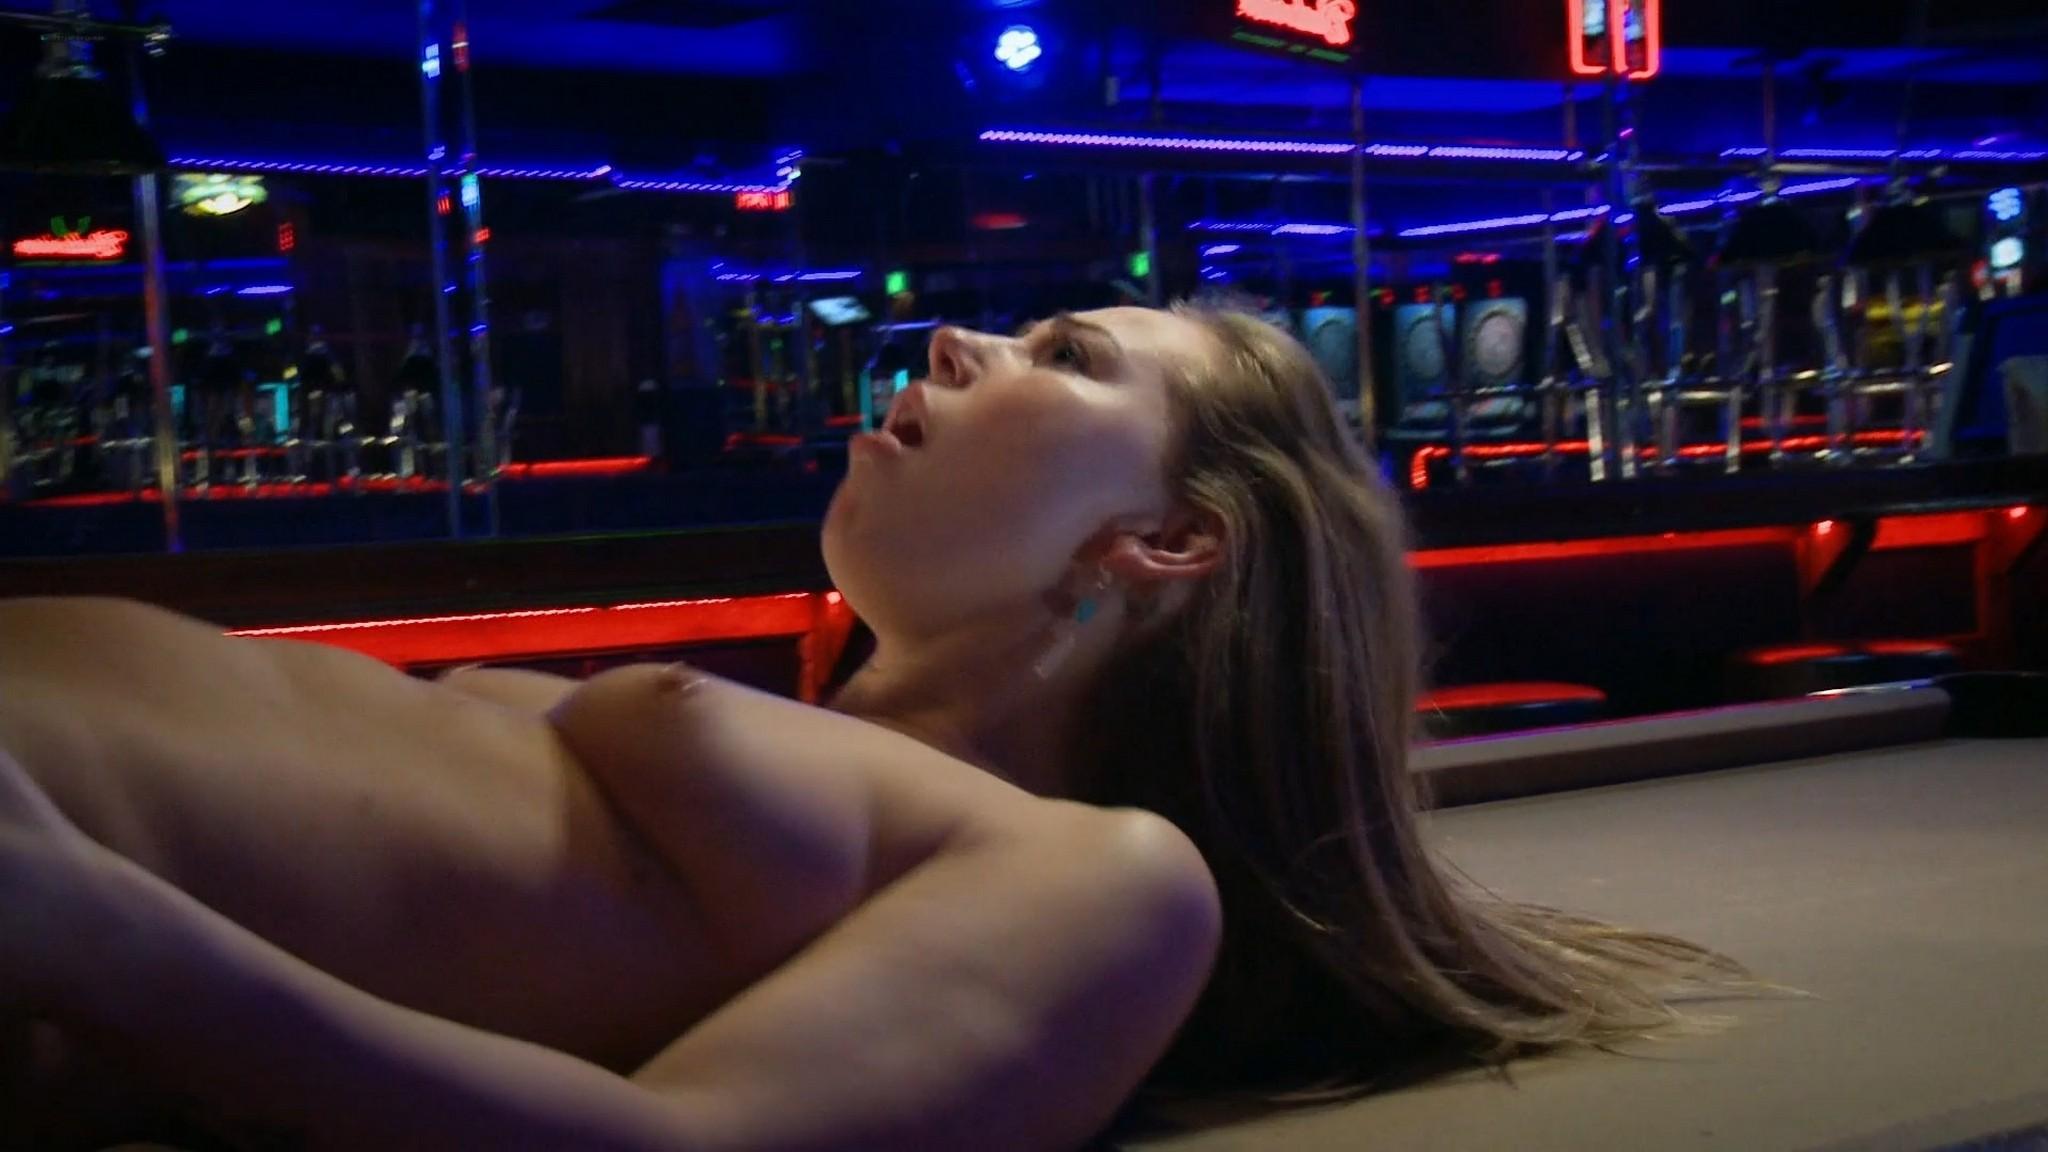 Carter Cruise nude lot of sex Kira Noir Sarah Hunter nude sex too Deadly Pickup 2016 1080p Web 18